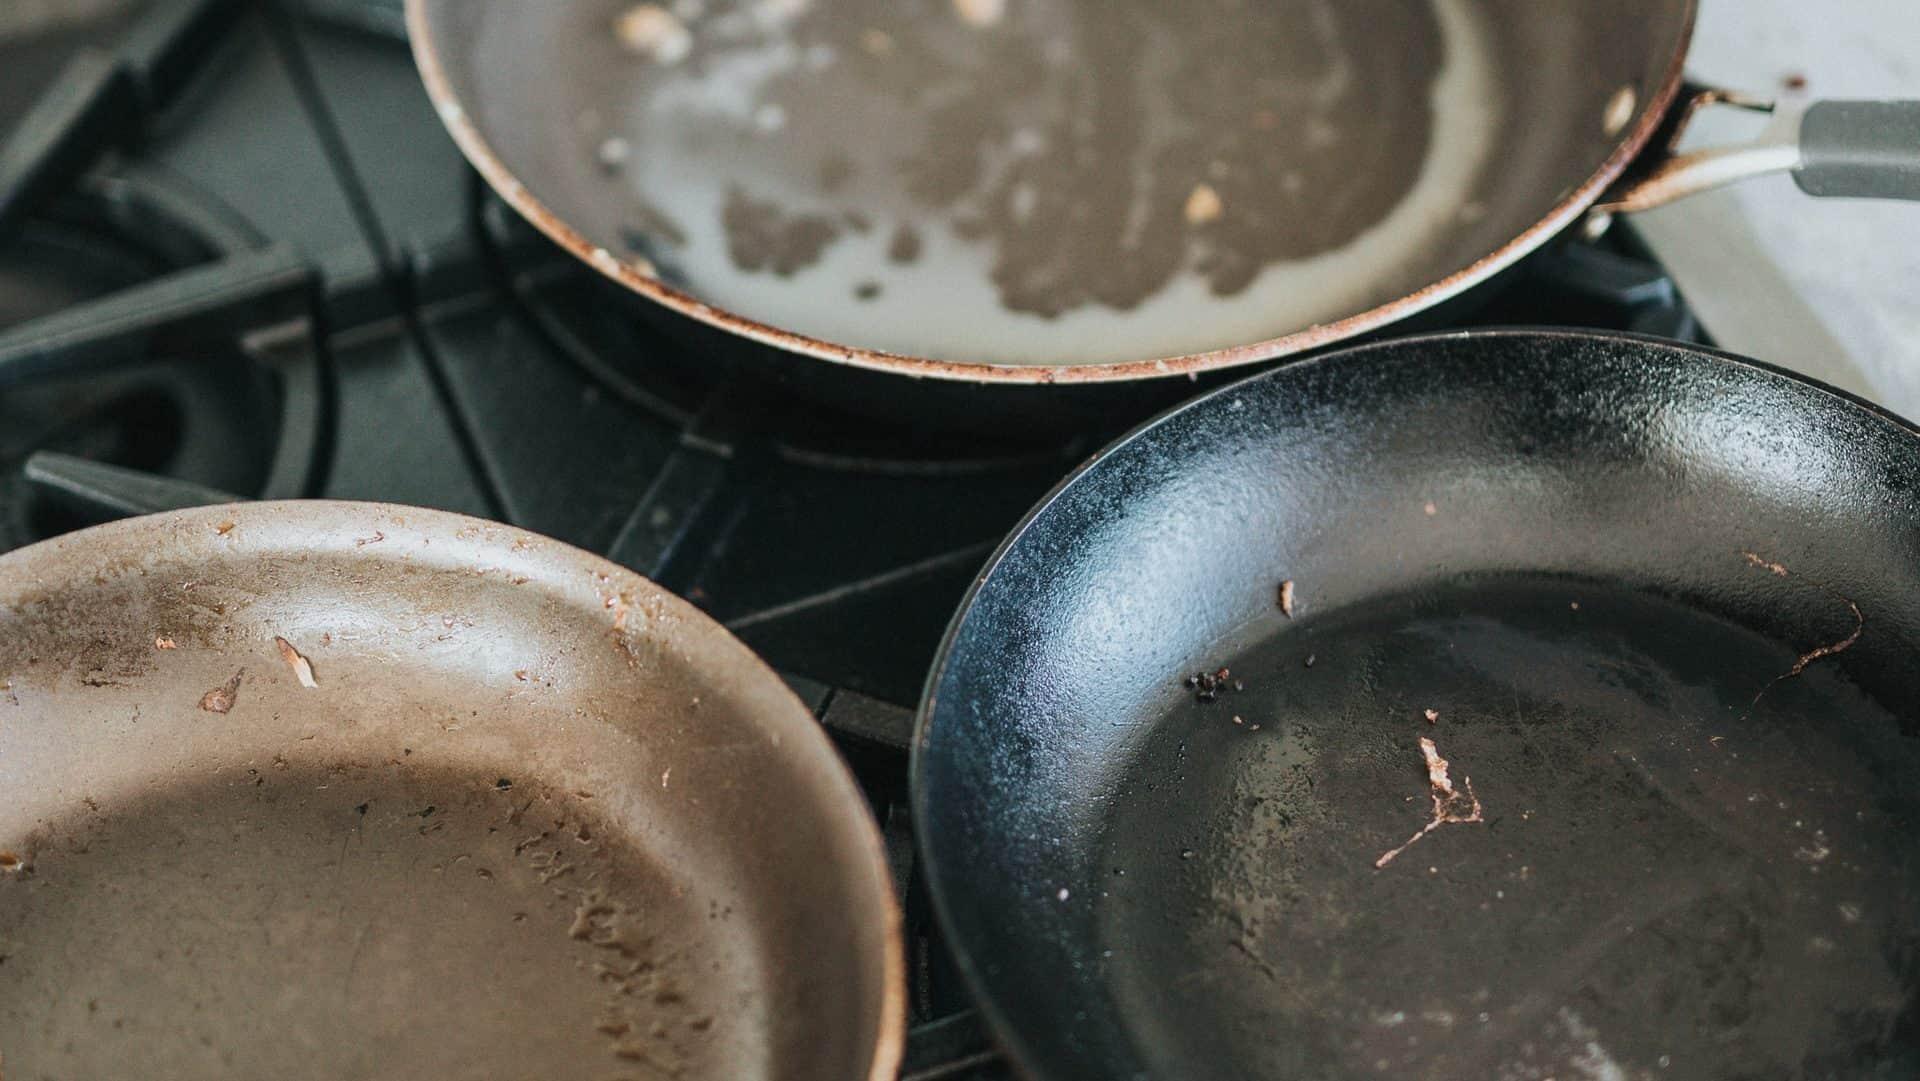 Vieze, aangebrande koekenpannen, bovenaanzicht